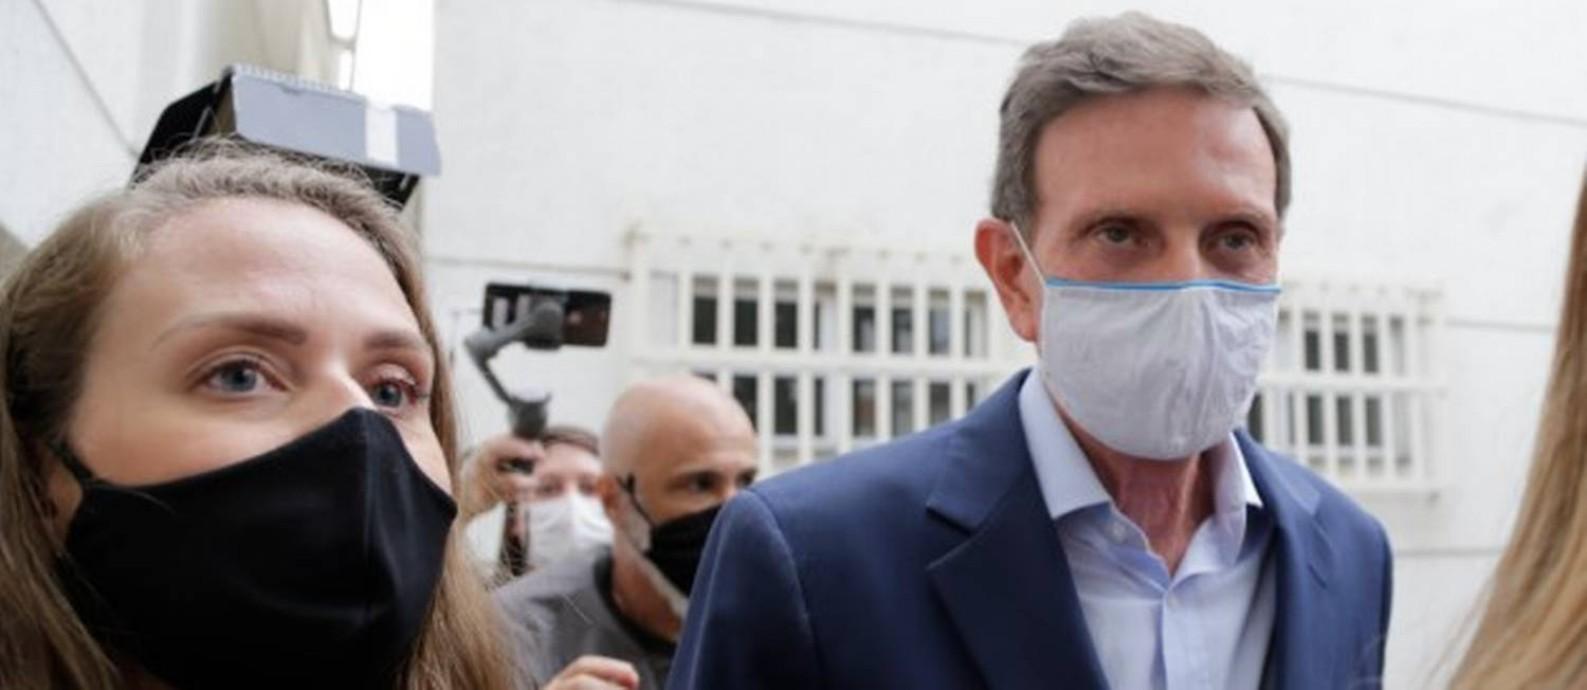 Marcelo Crivella é levado por policiais para o exame de corpo de delito Foto: Márcia Foletto / Agência O Globo